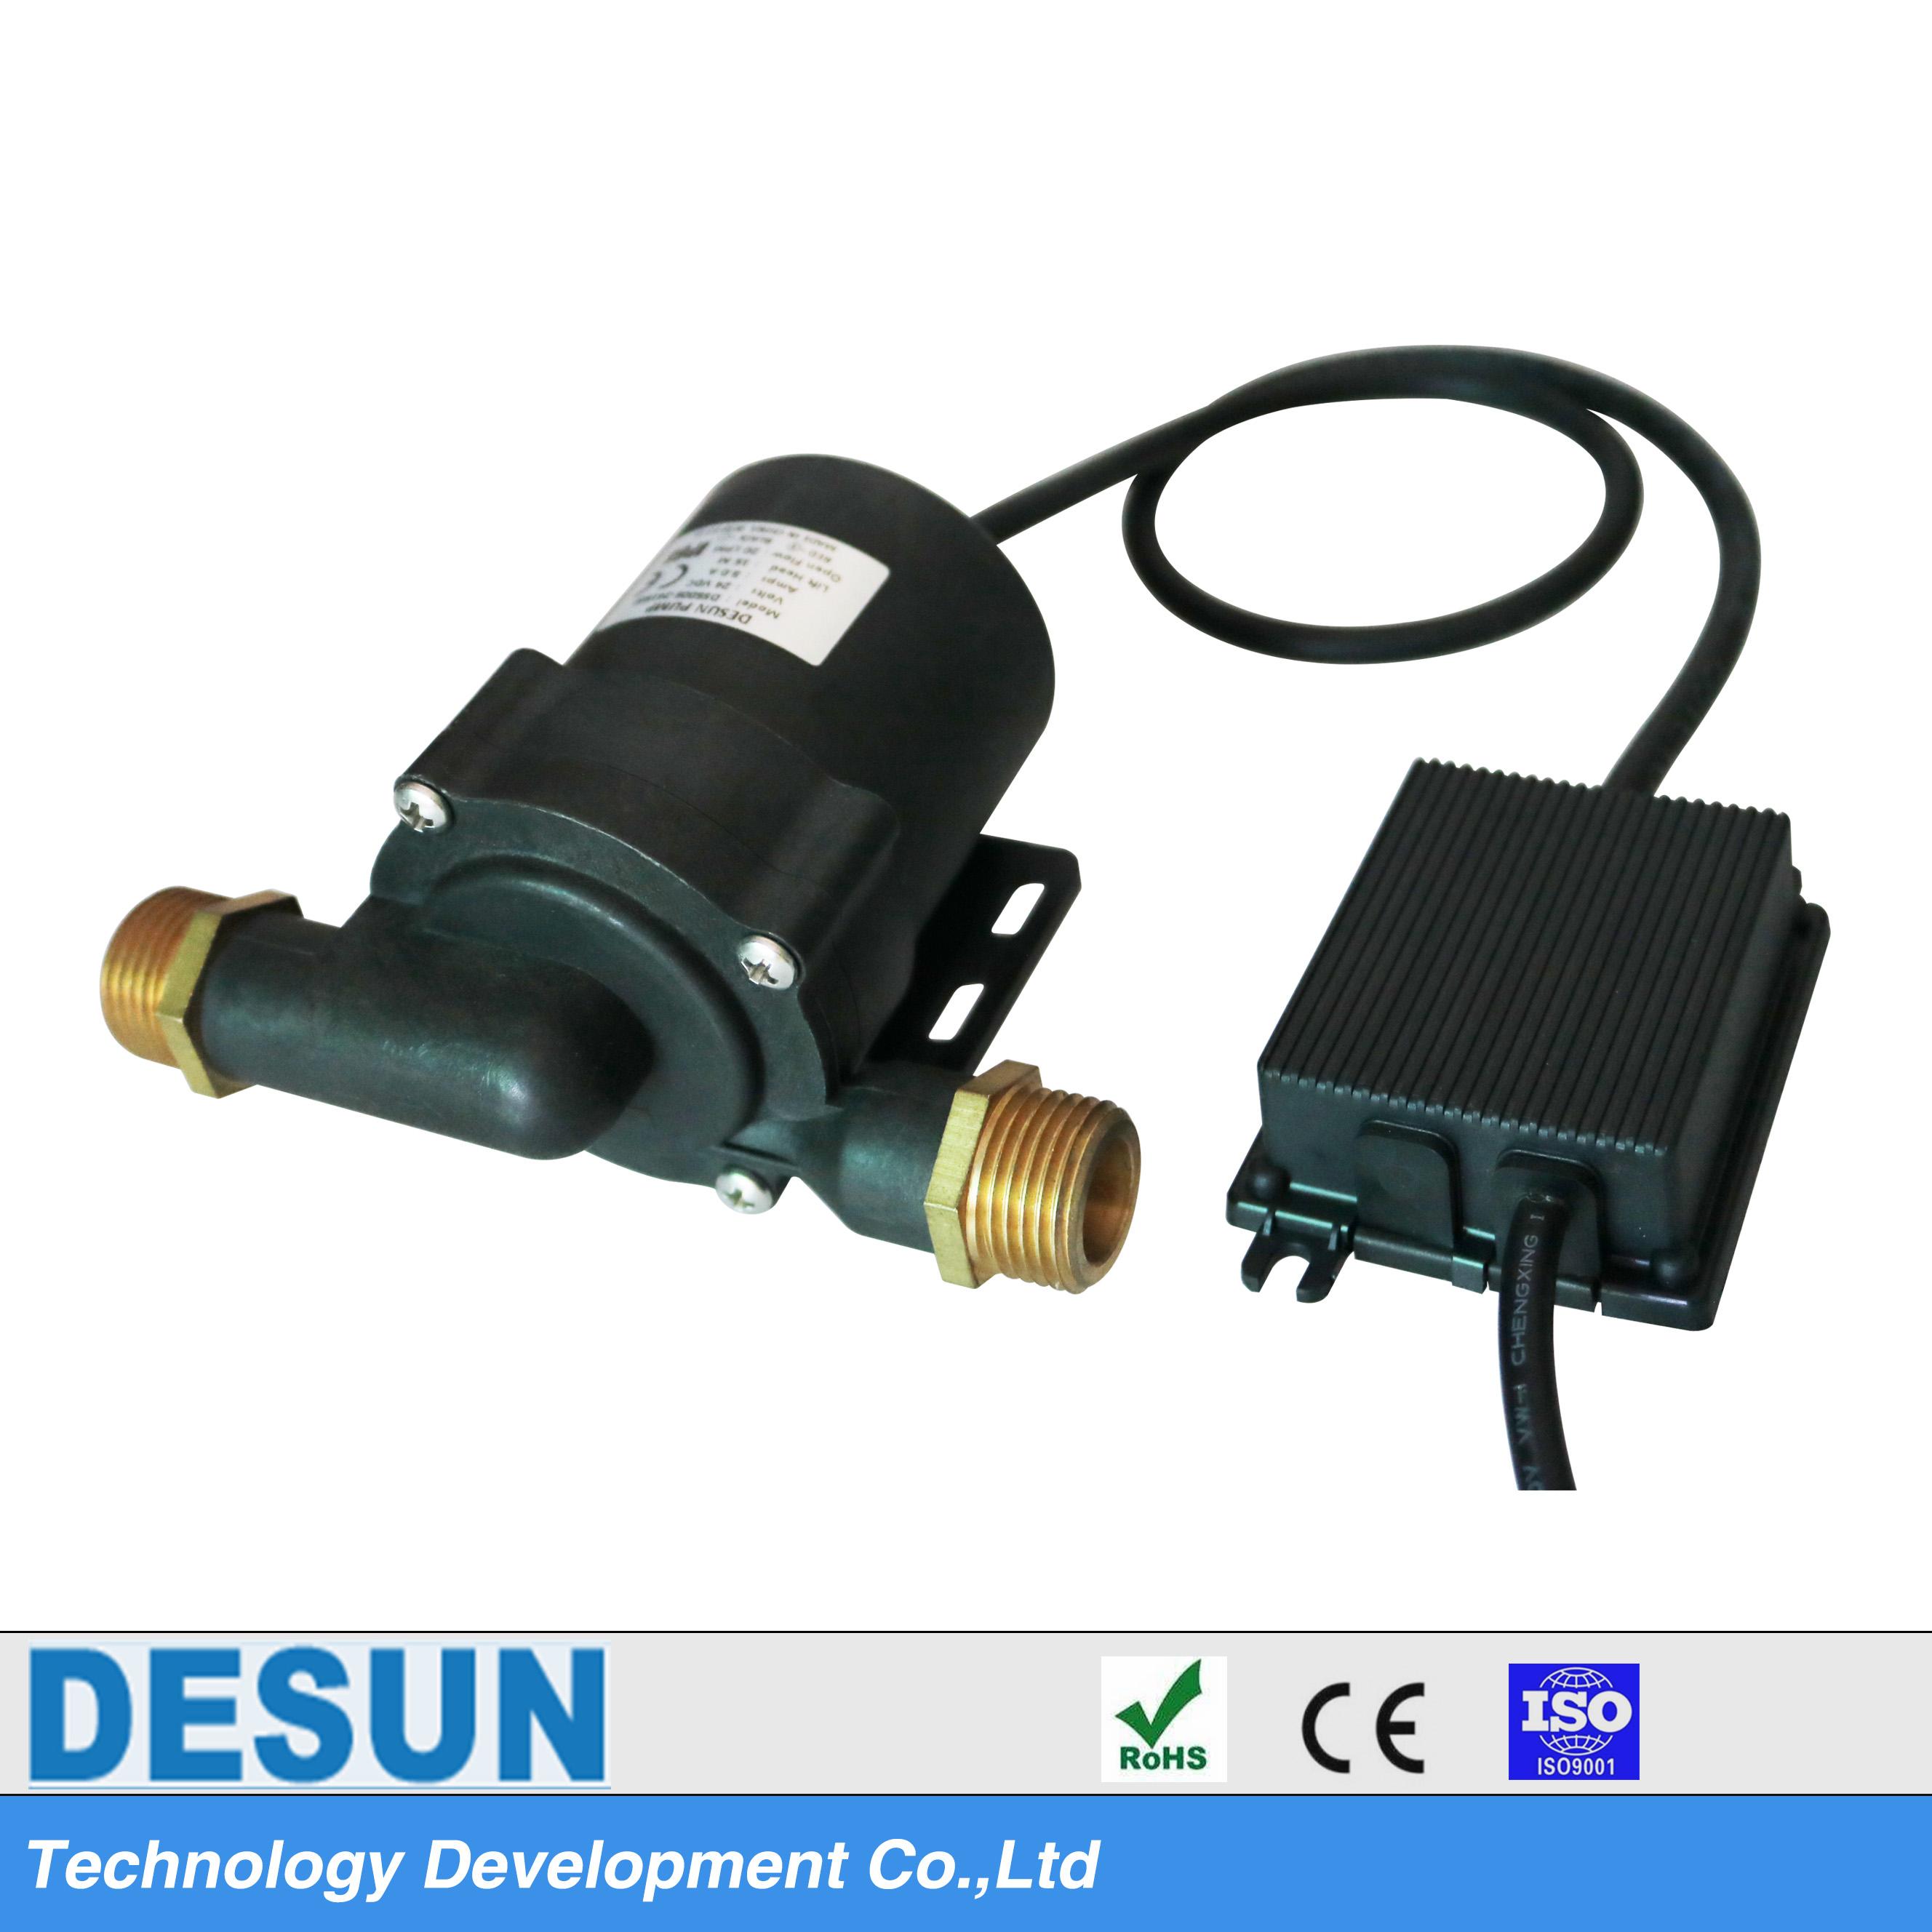 厨卫设备微型水泵DS5005